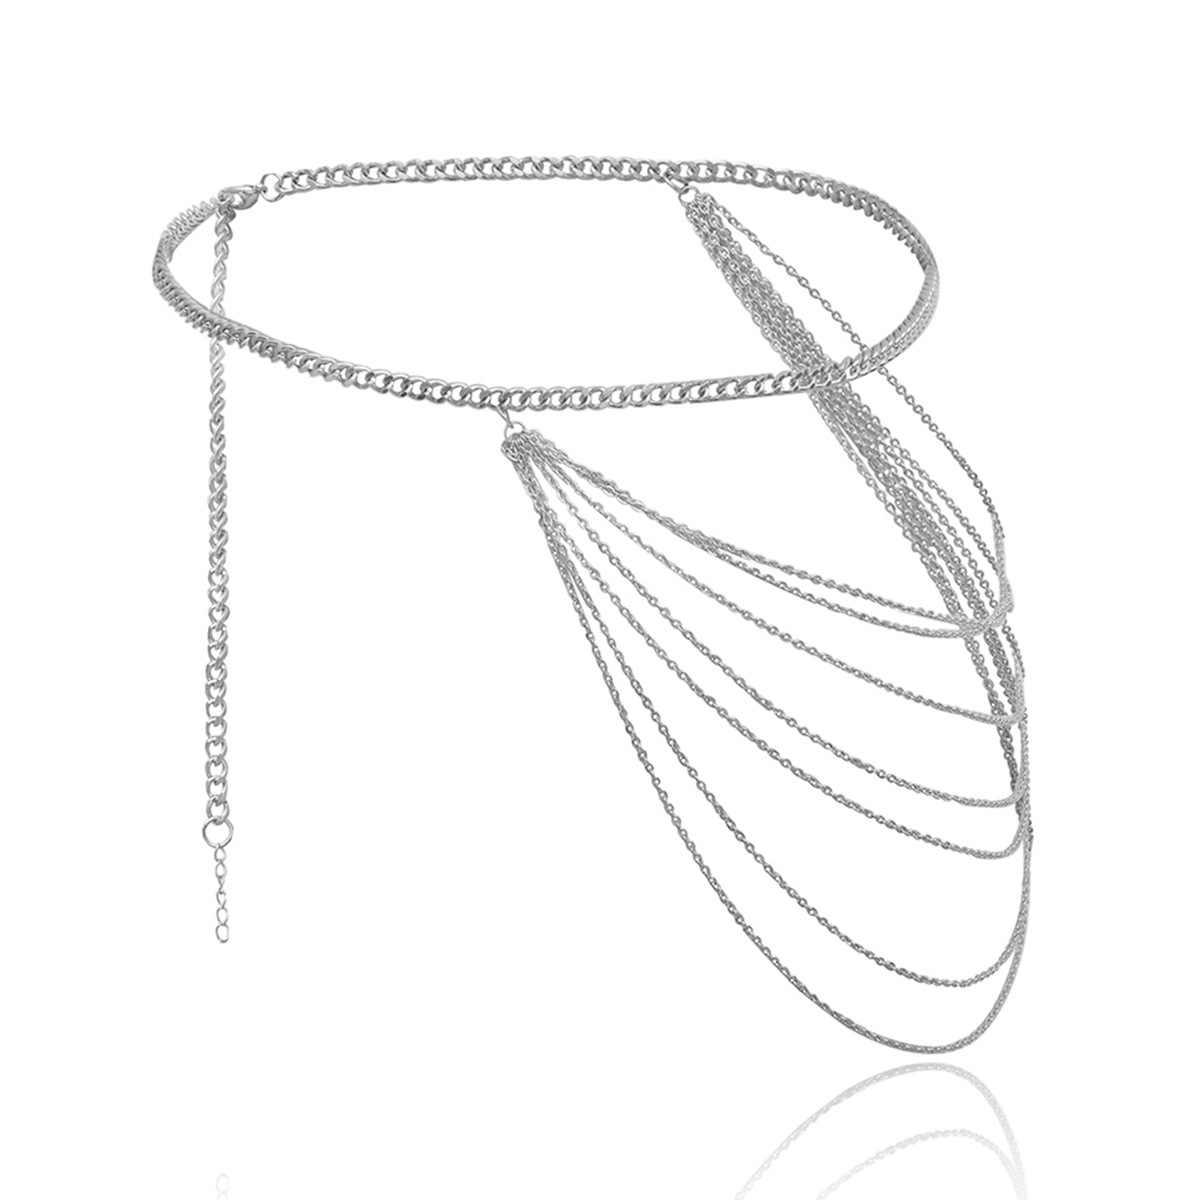 Meihuida Woemn moda Mental cinturón cadenas vientre moda Club desgaste joyería para el cuerpo cintura geométrica cadena cuerpo cinturones estilo coreano